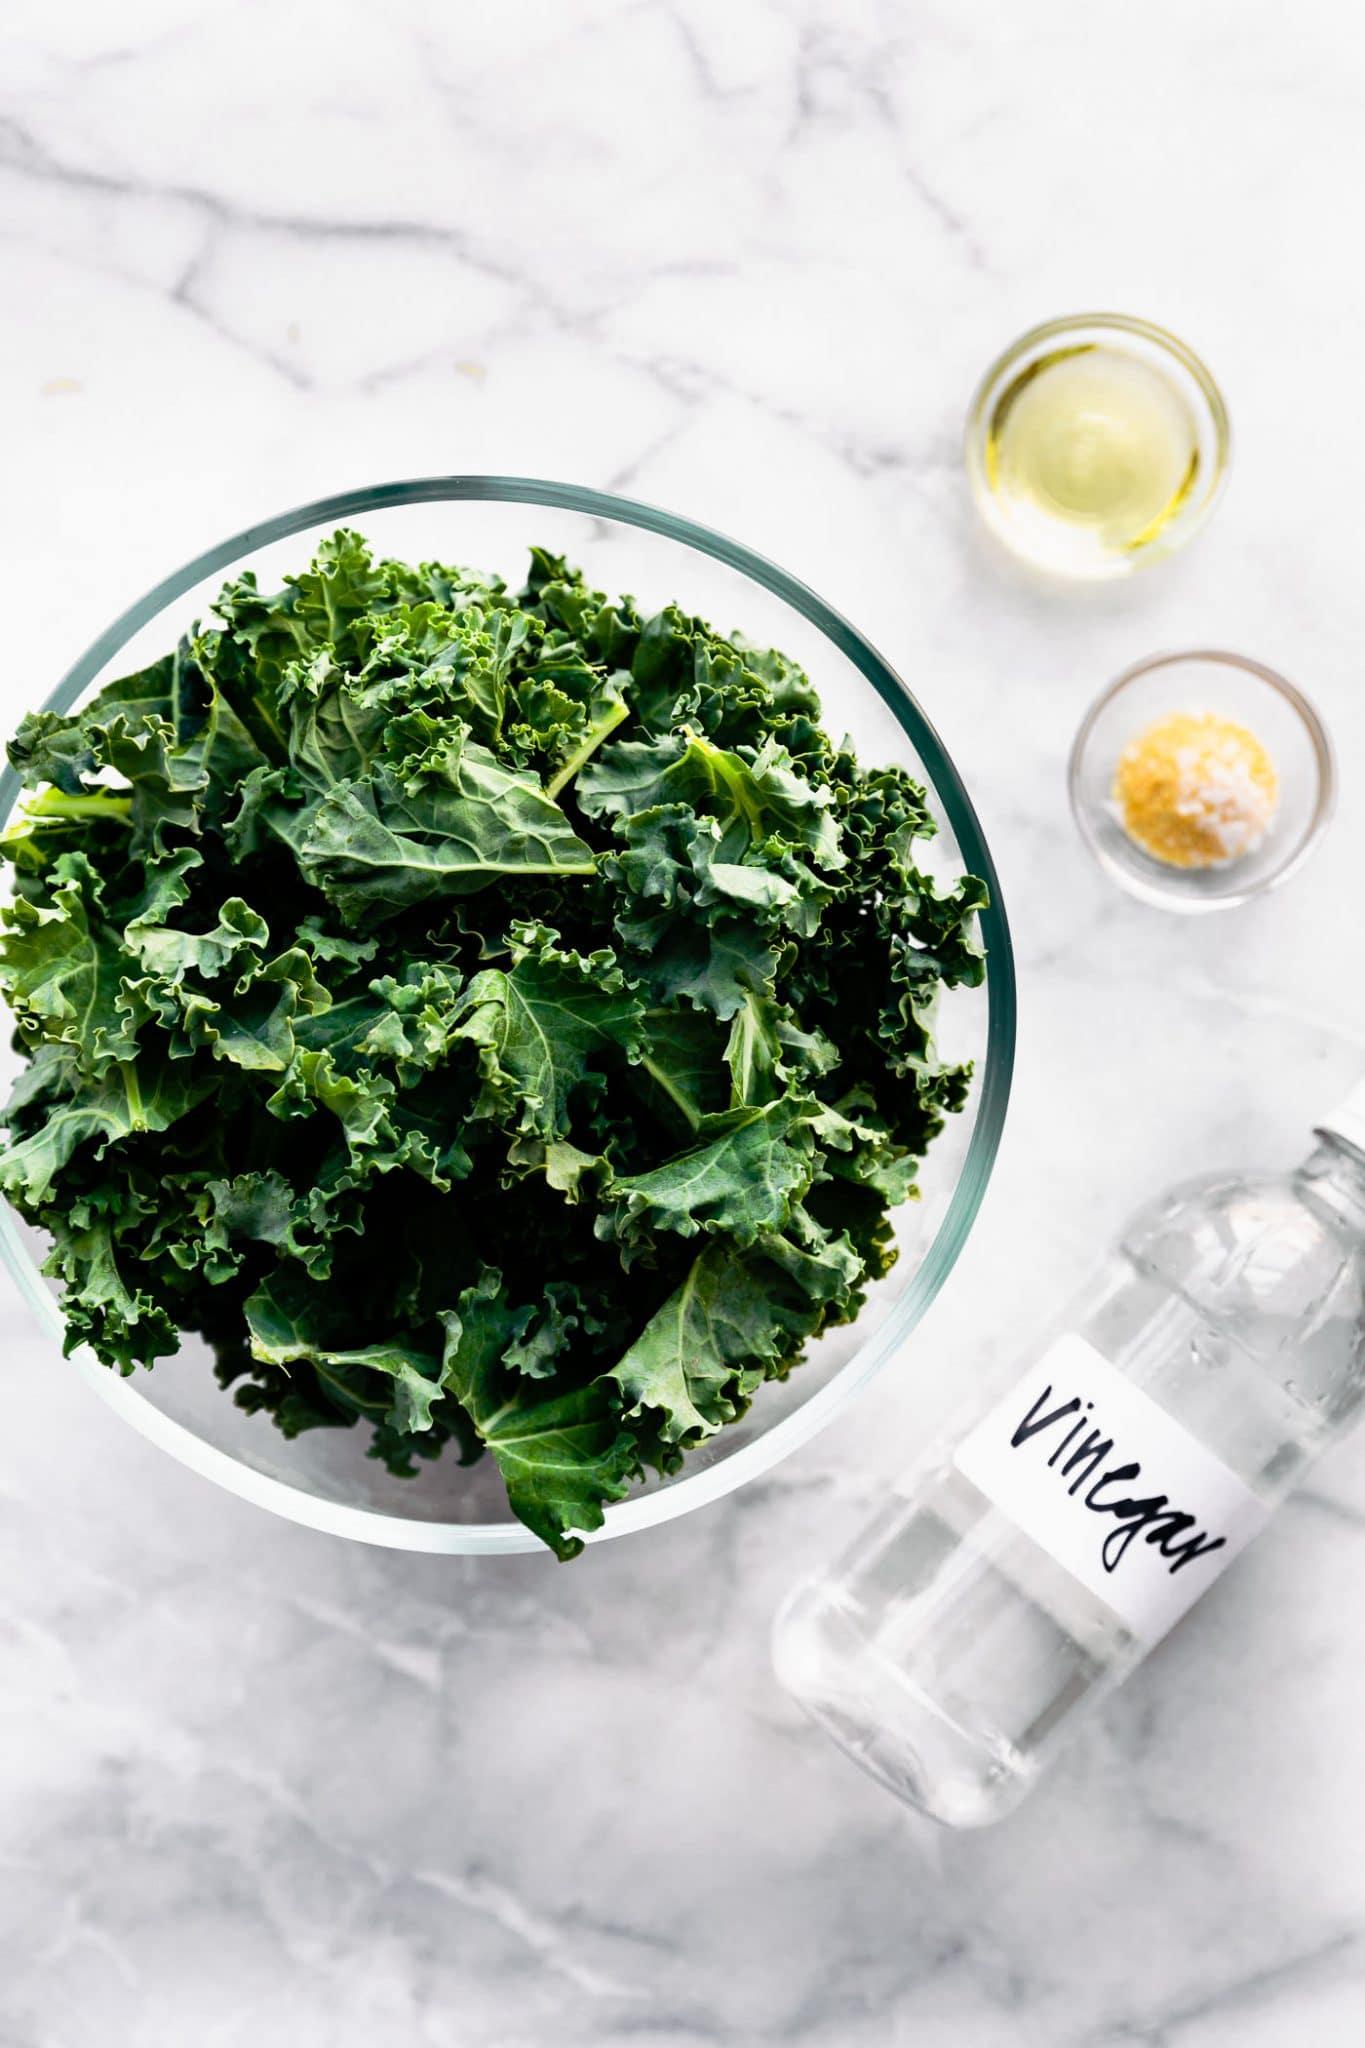 Air fryer kale chips in a bowl alongside seasonings: Garlic powder, vinegar, and sea salt